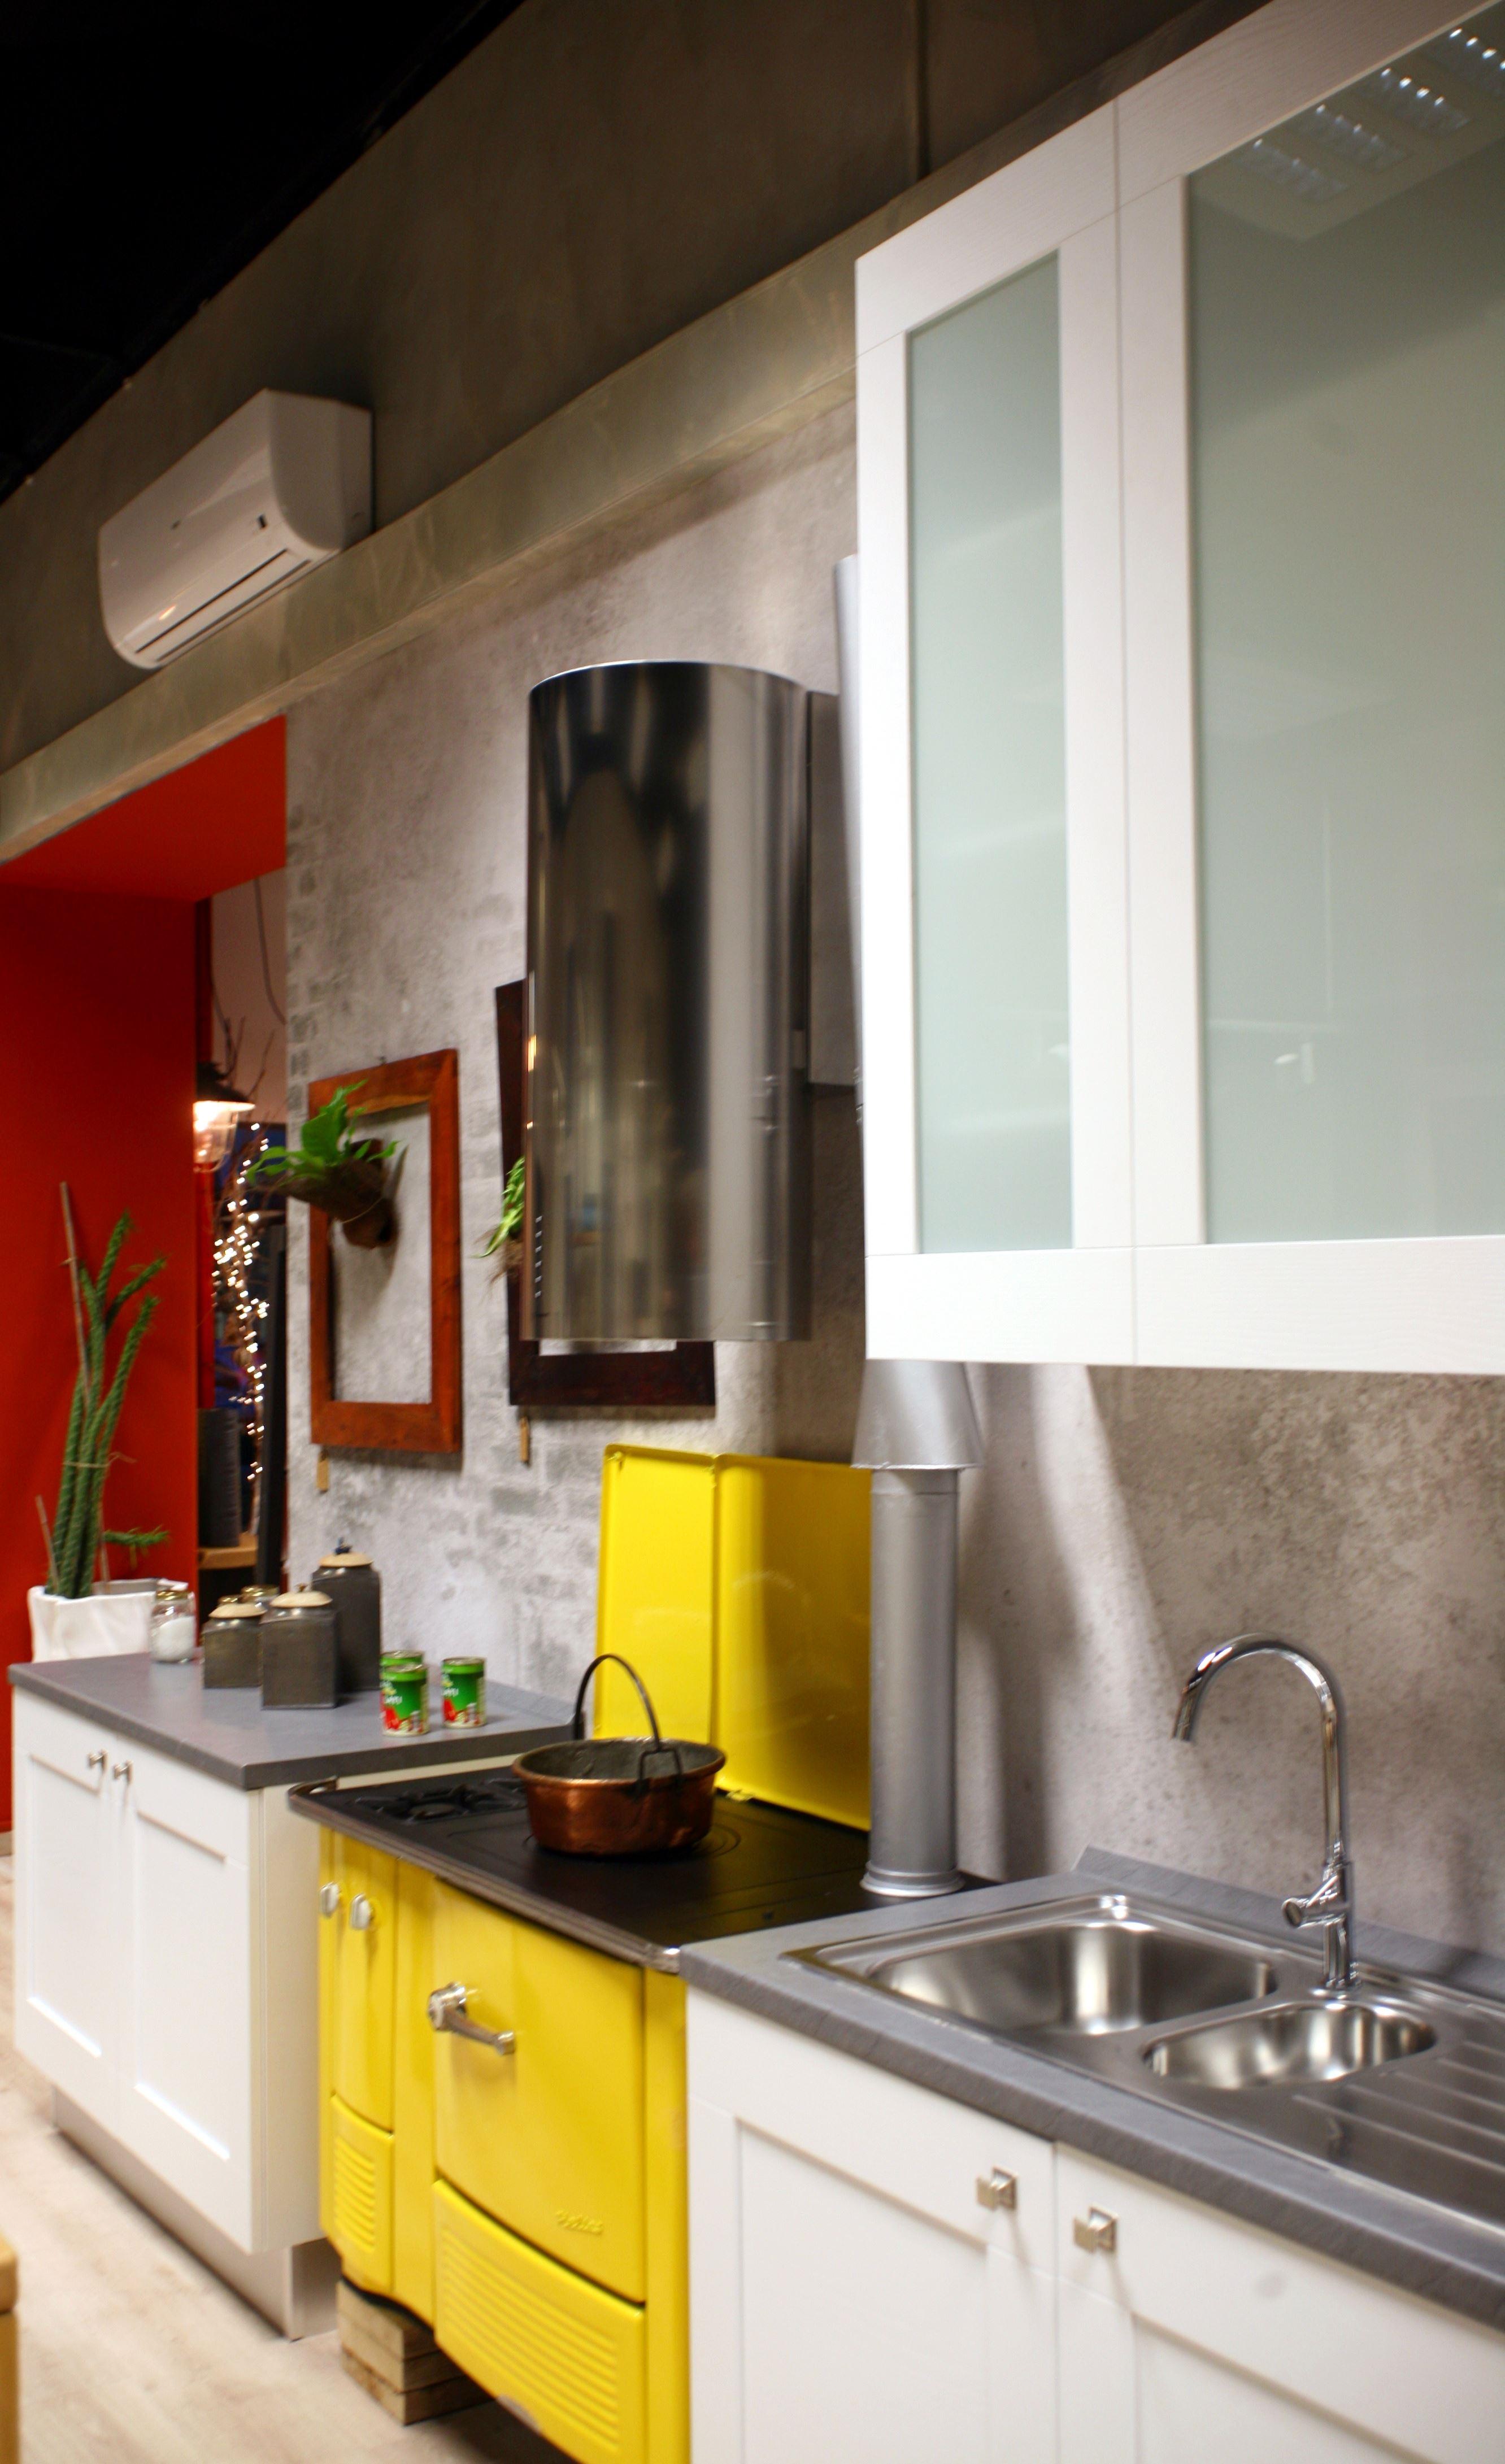 Stunning cucine stile provenzale offerte ideas ideas - Cucine stile provenzale ...